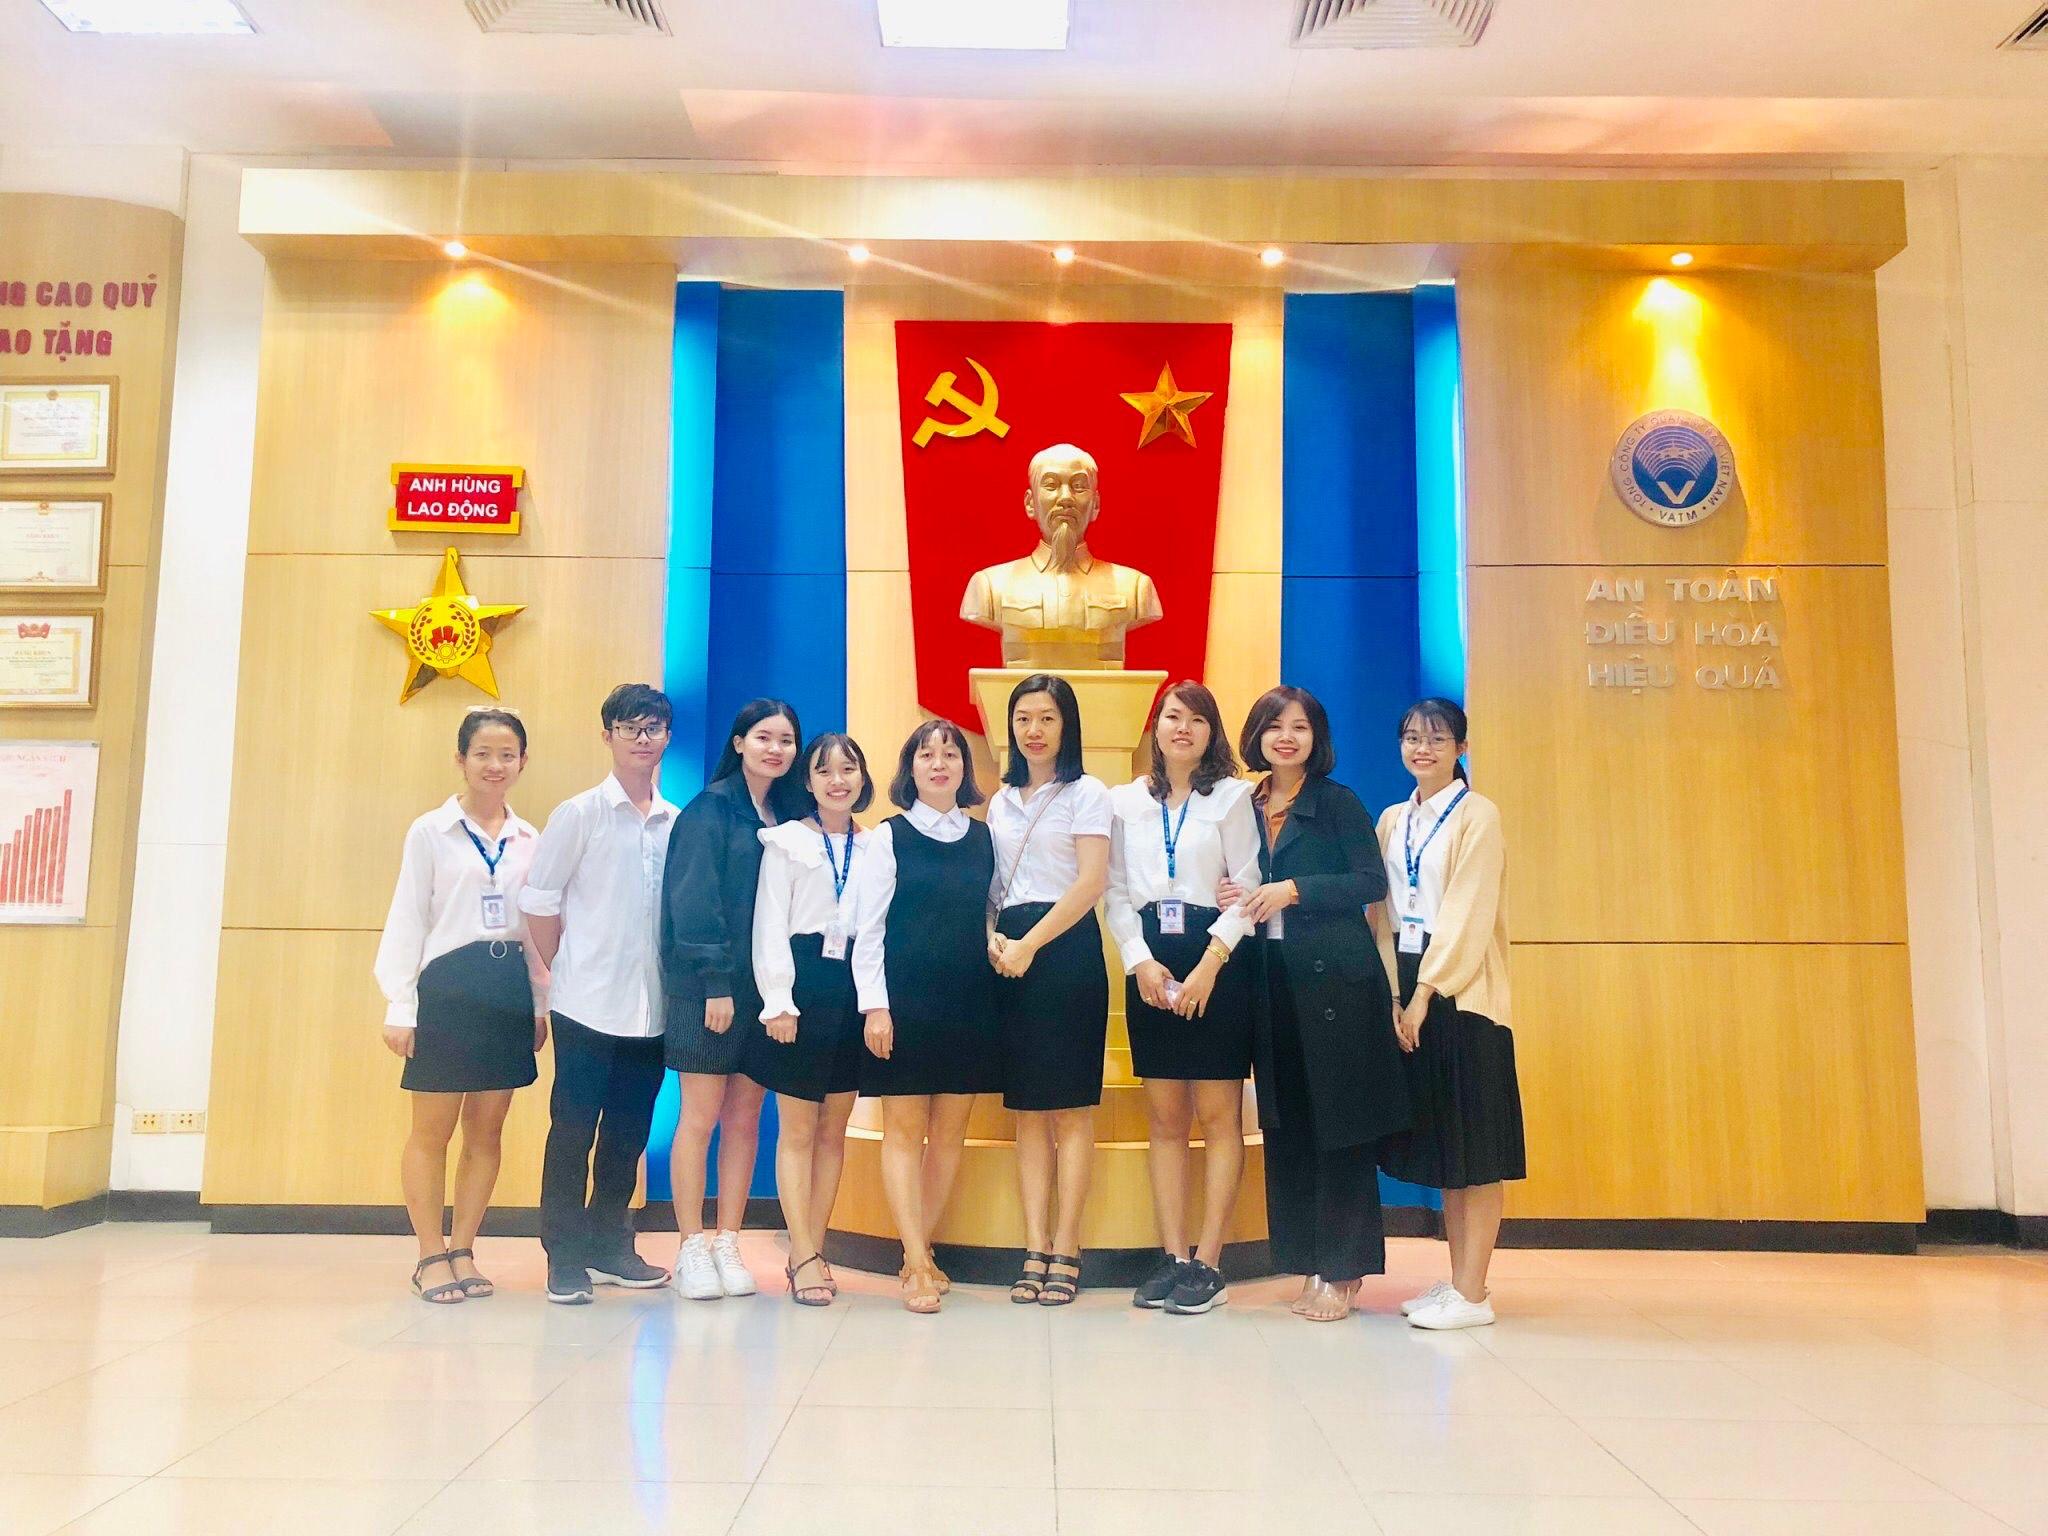 Trung tâm Đào tạo - Huấn luyện nghiệp vụ Quản lý bay tổ chức tham quan Phòng truyền thống và Bảo tàng Hàng không cho học viên